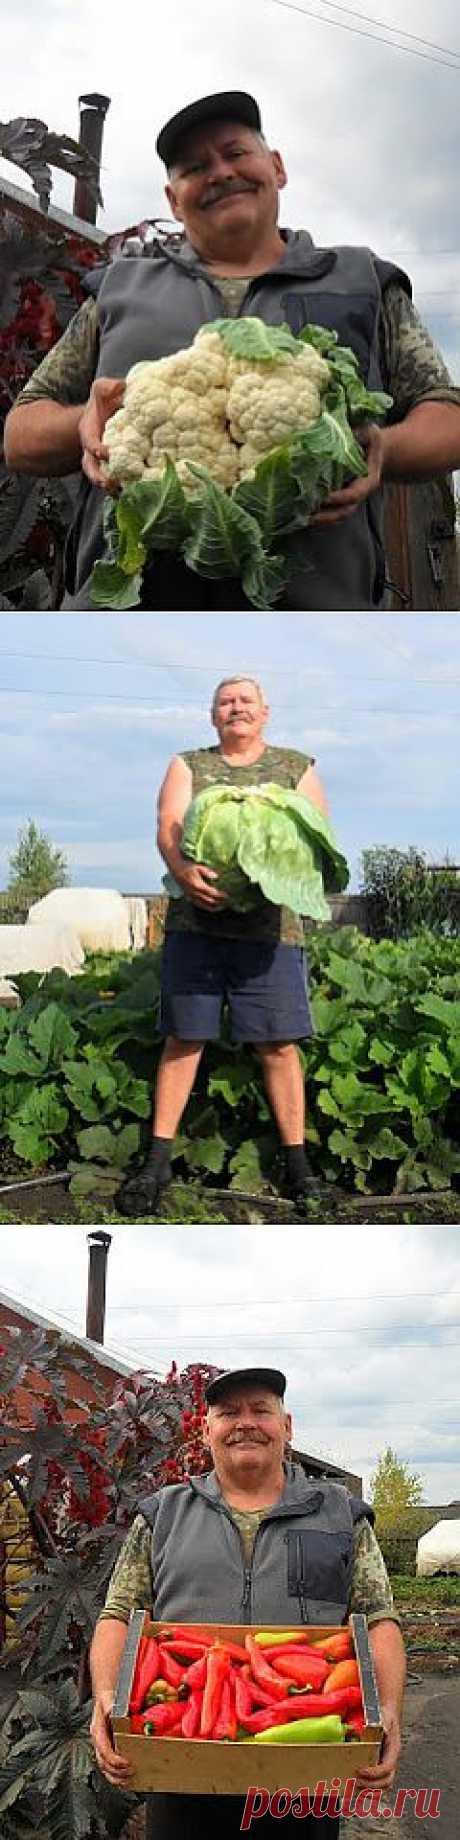 Вкусный Огород: Сроки посева овощей